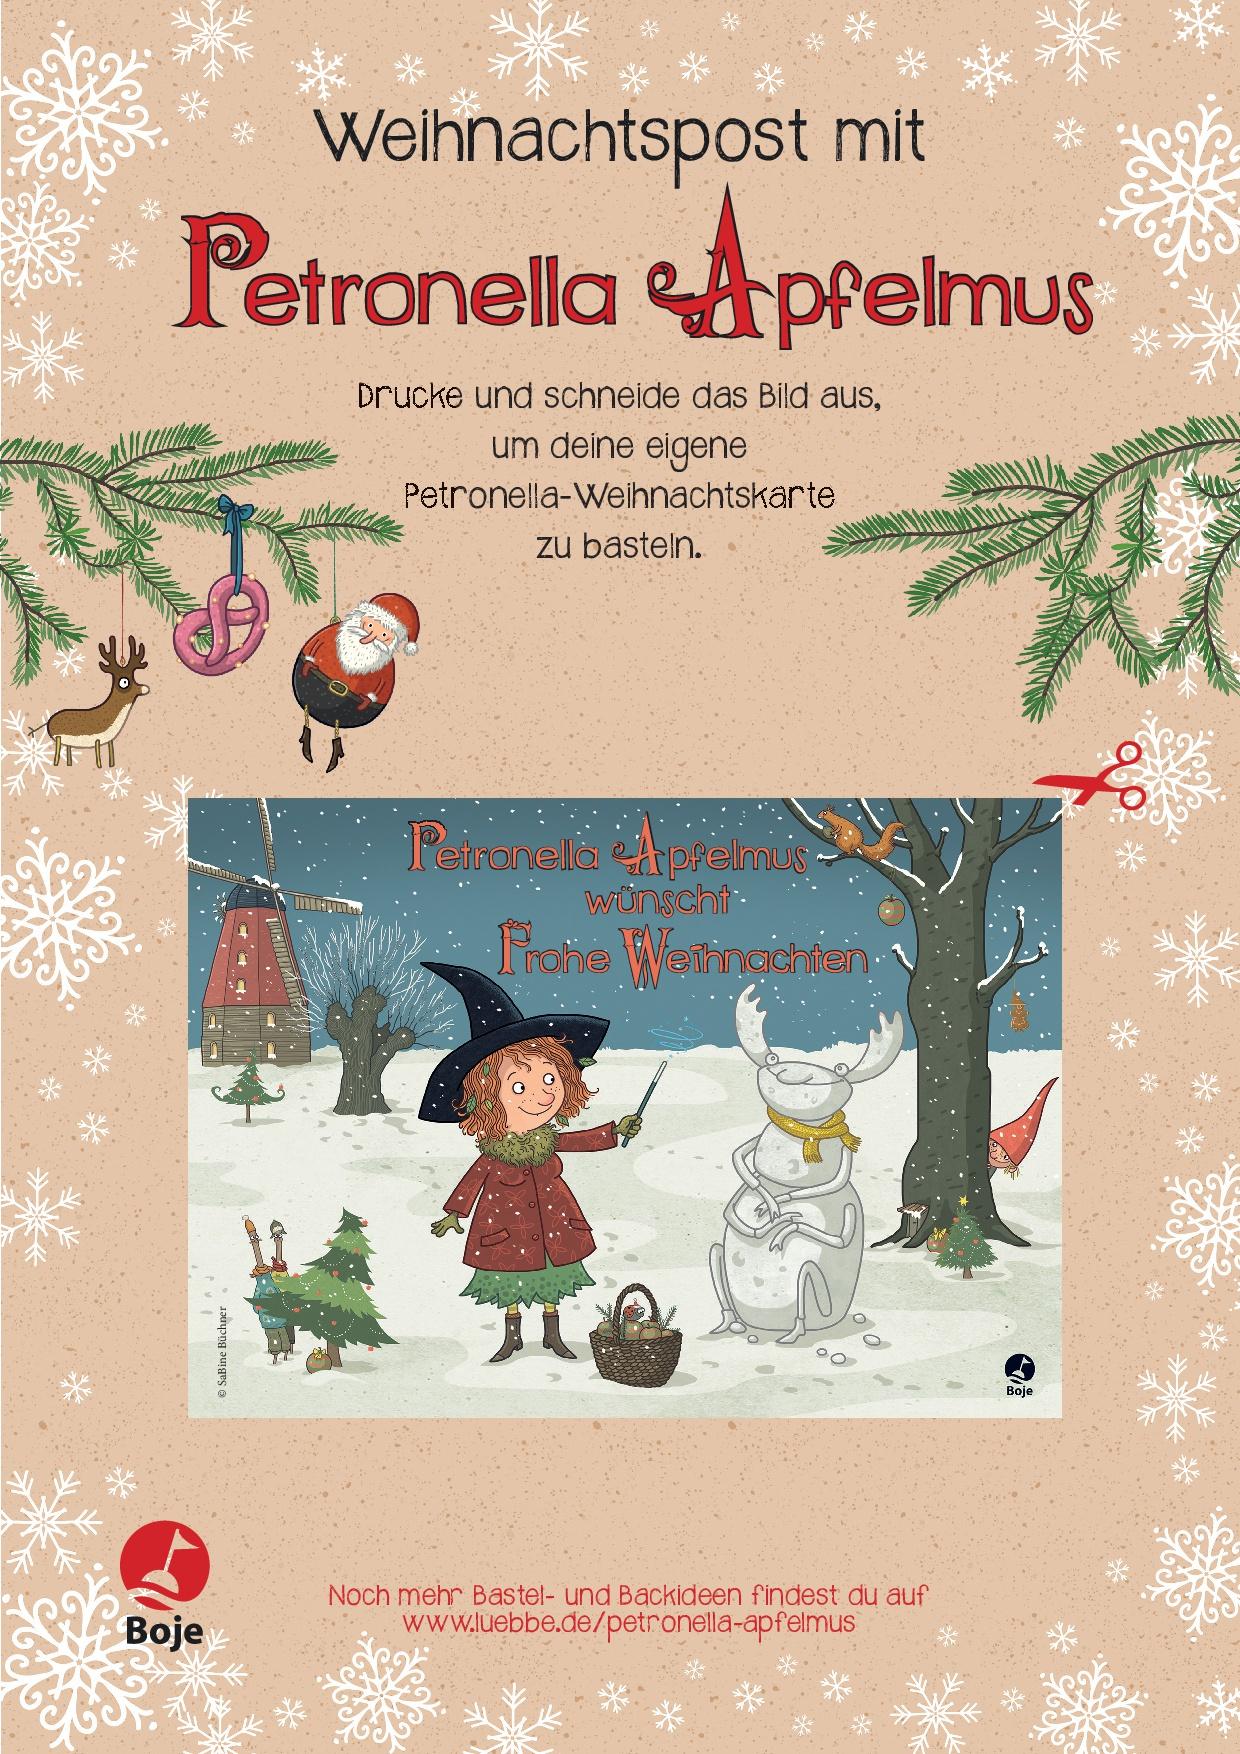 Winterliche Weihnachtsgrüße.Petronella Apfelmus Weihnachtliche Und Winterliche Rezepte Mit